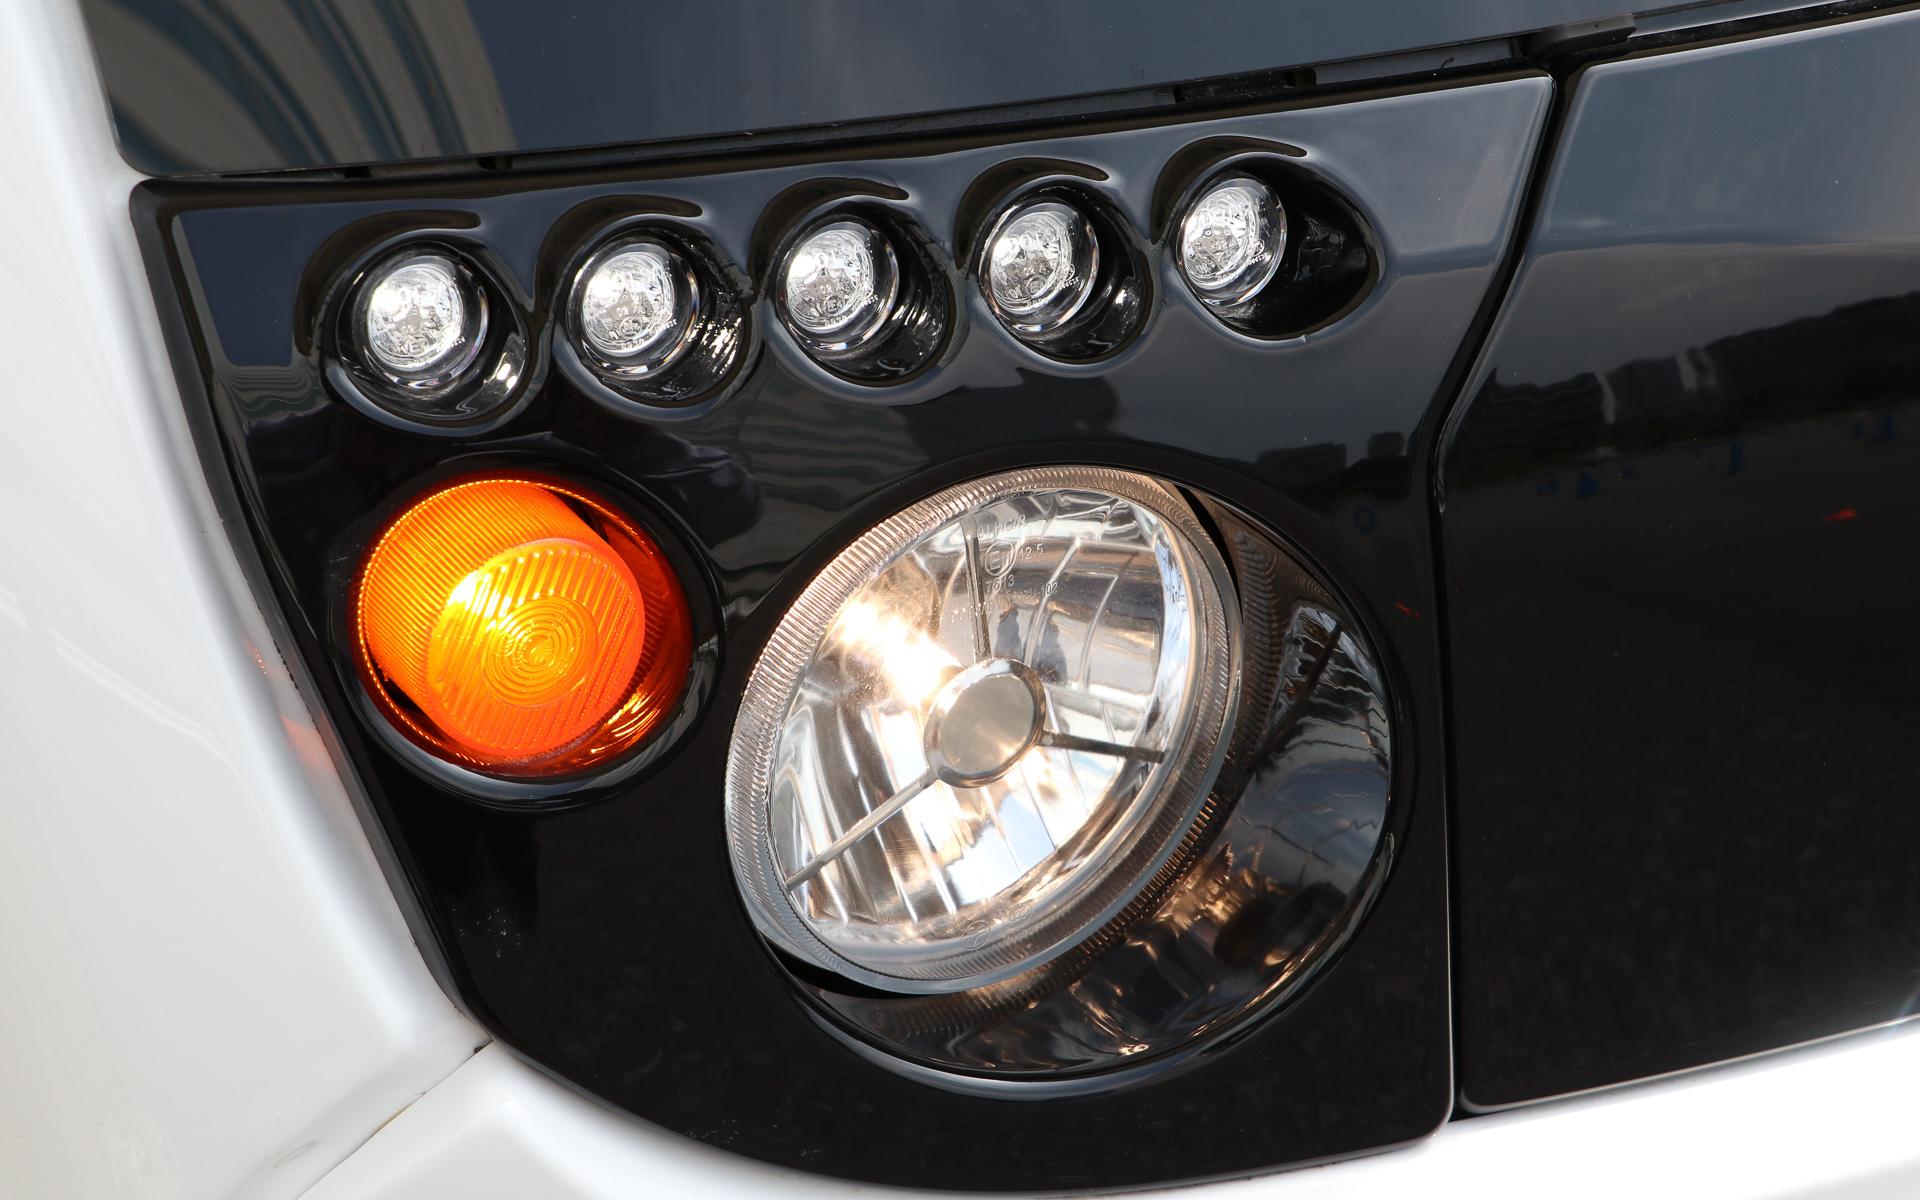 ヘッドライトはハロゲン、5つならんだポジションランプはLED、ウインカーは電球